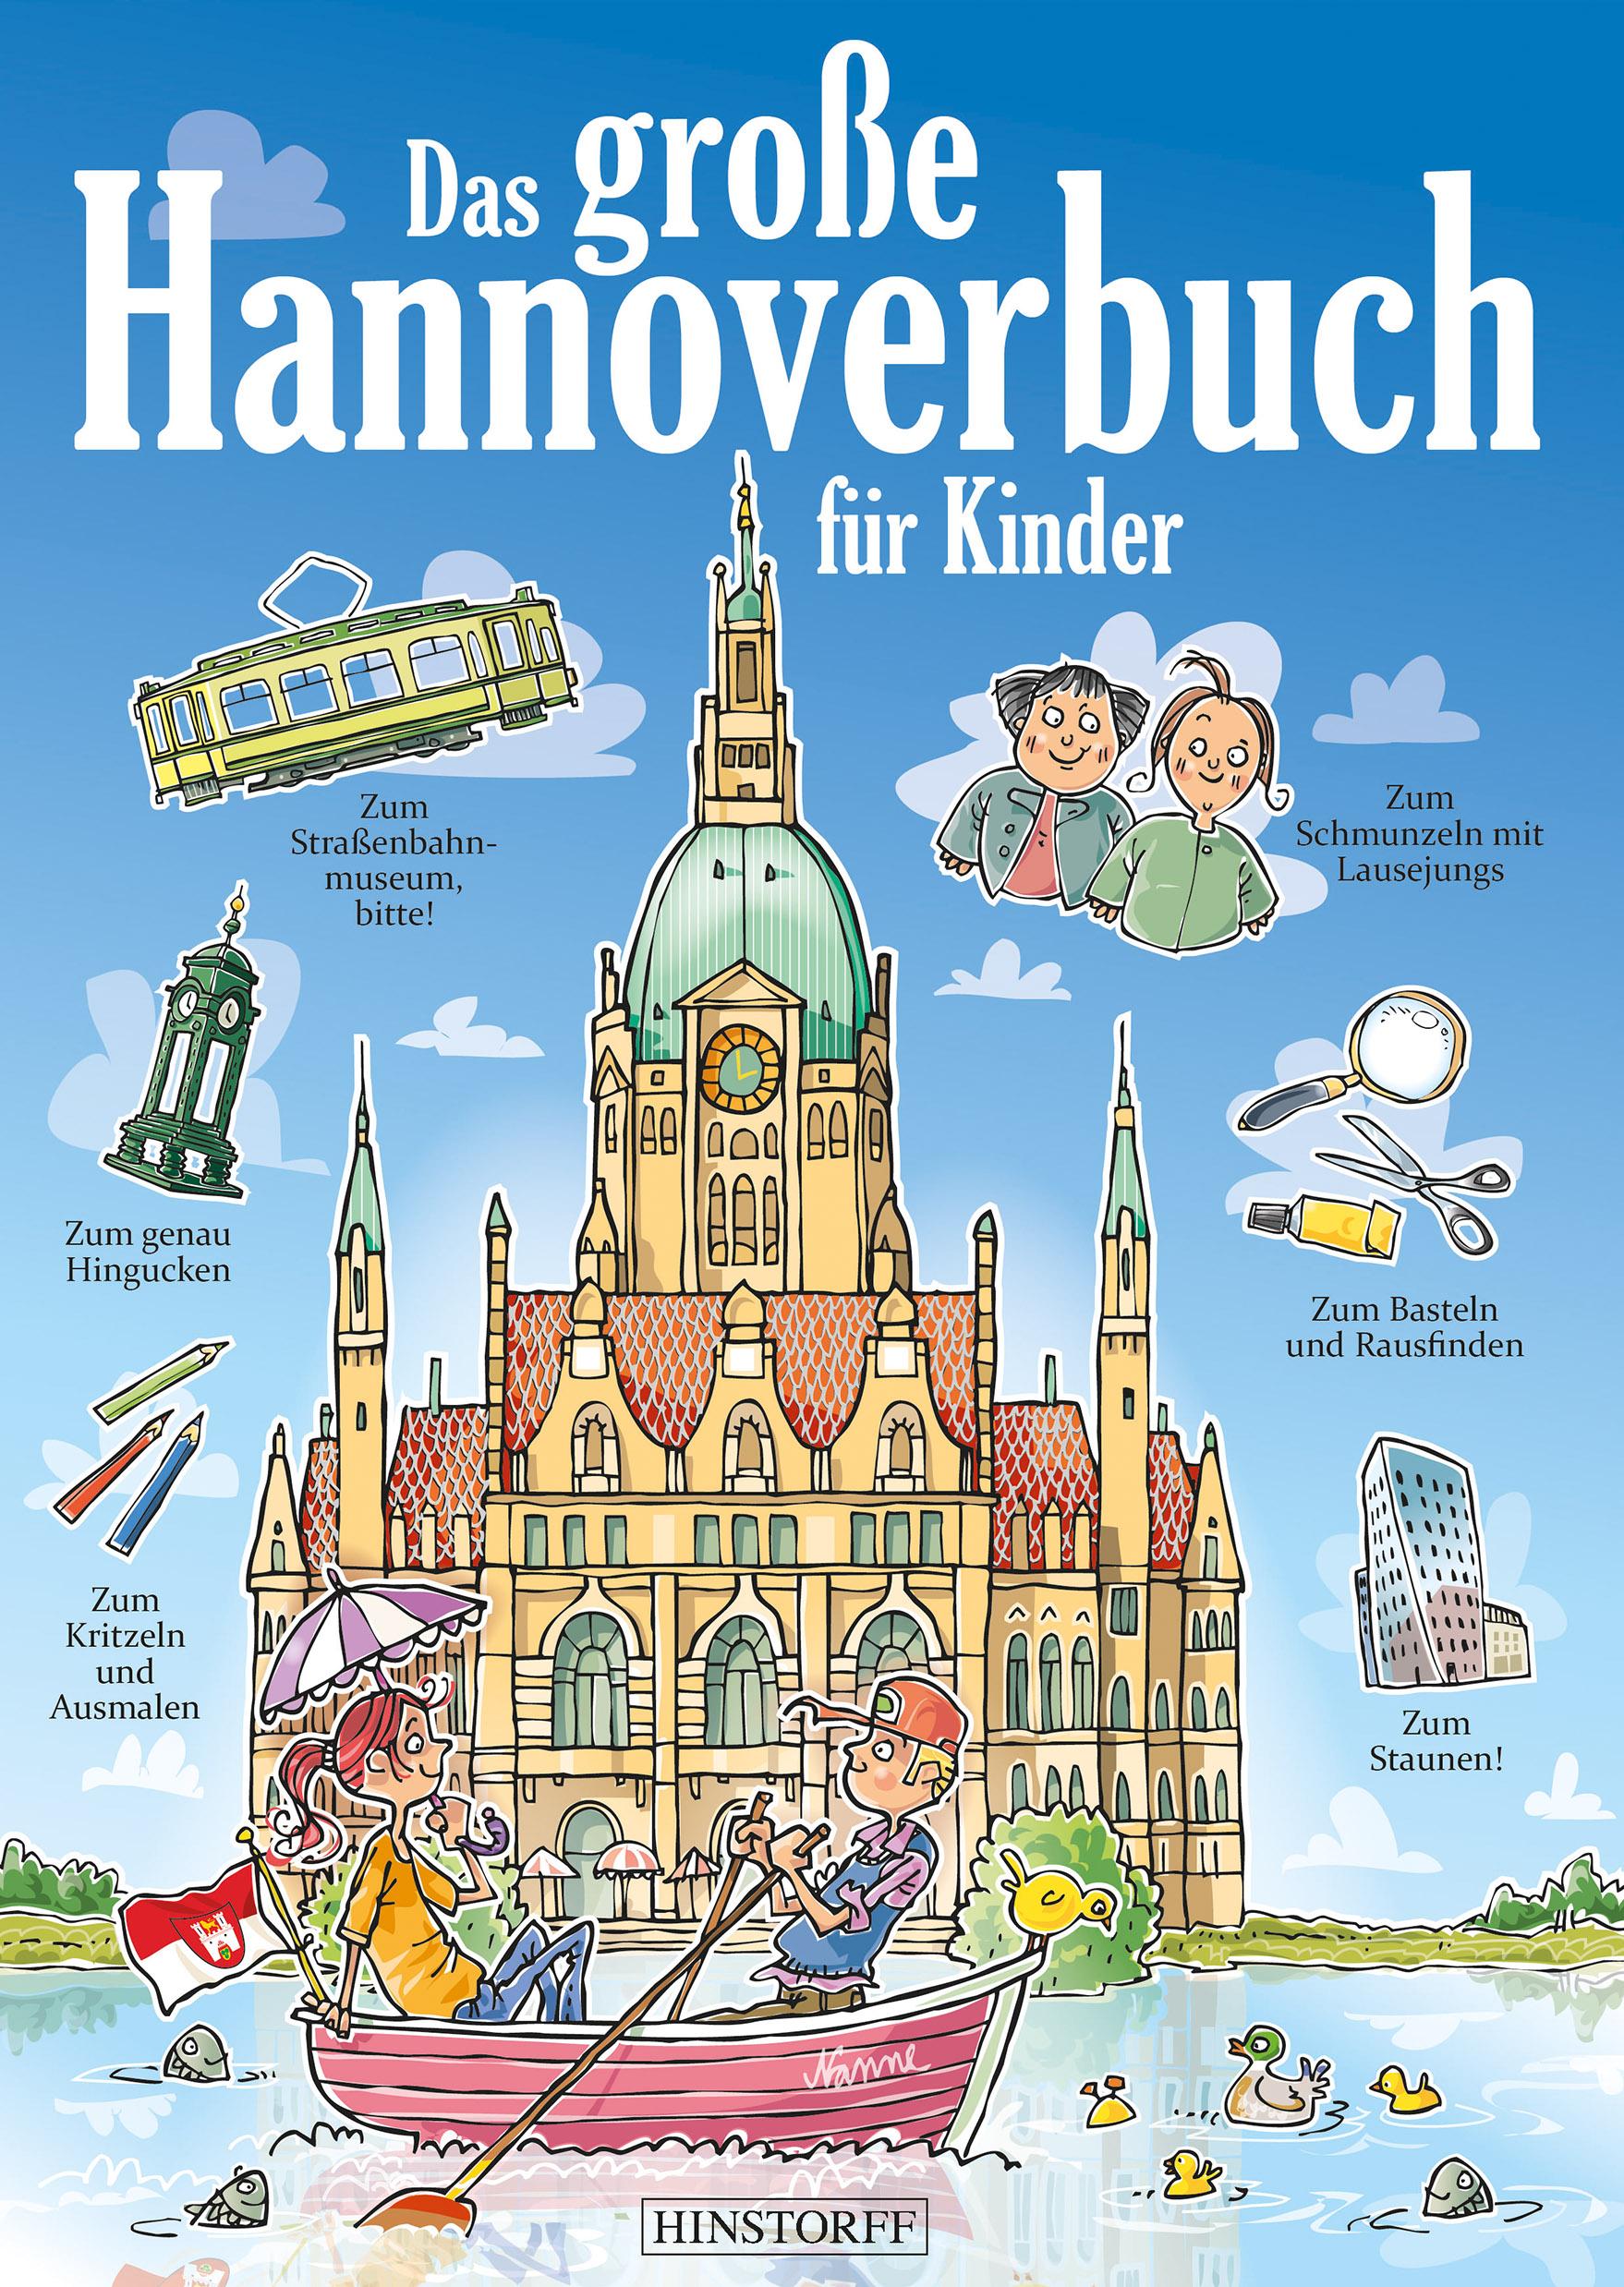 Das große Hannoverbuch für Kinder